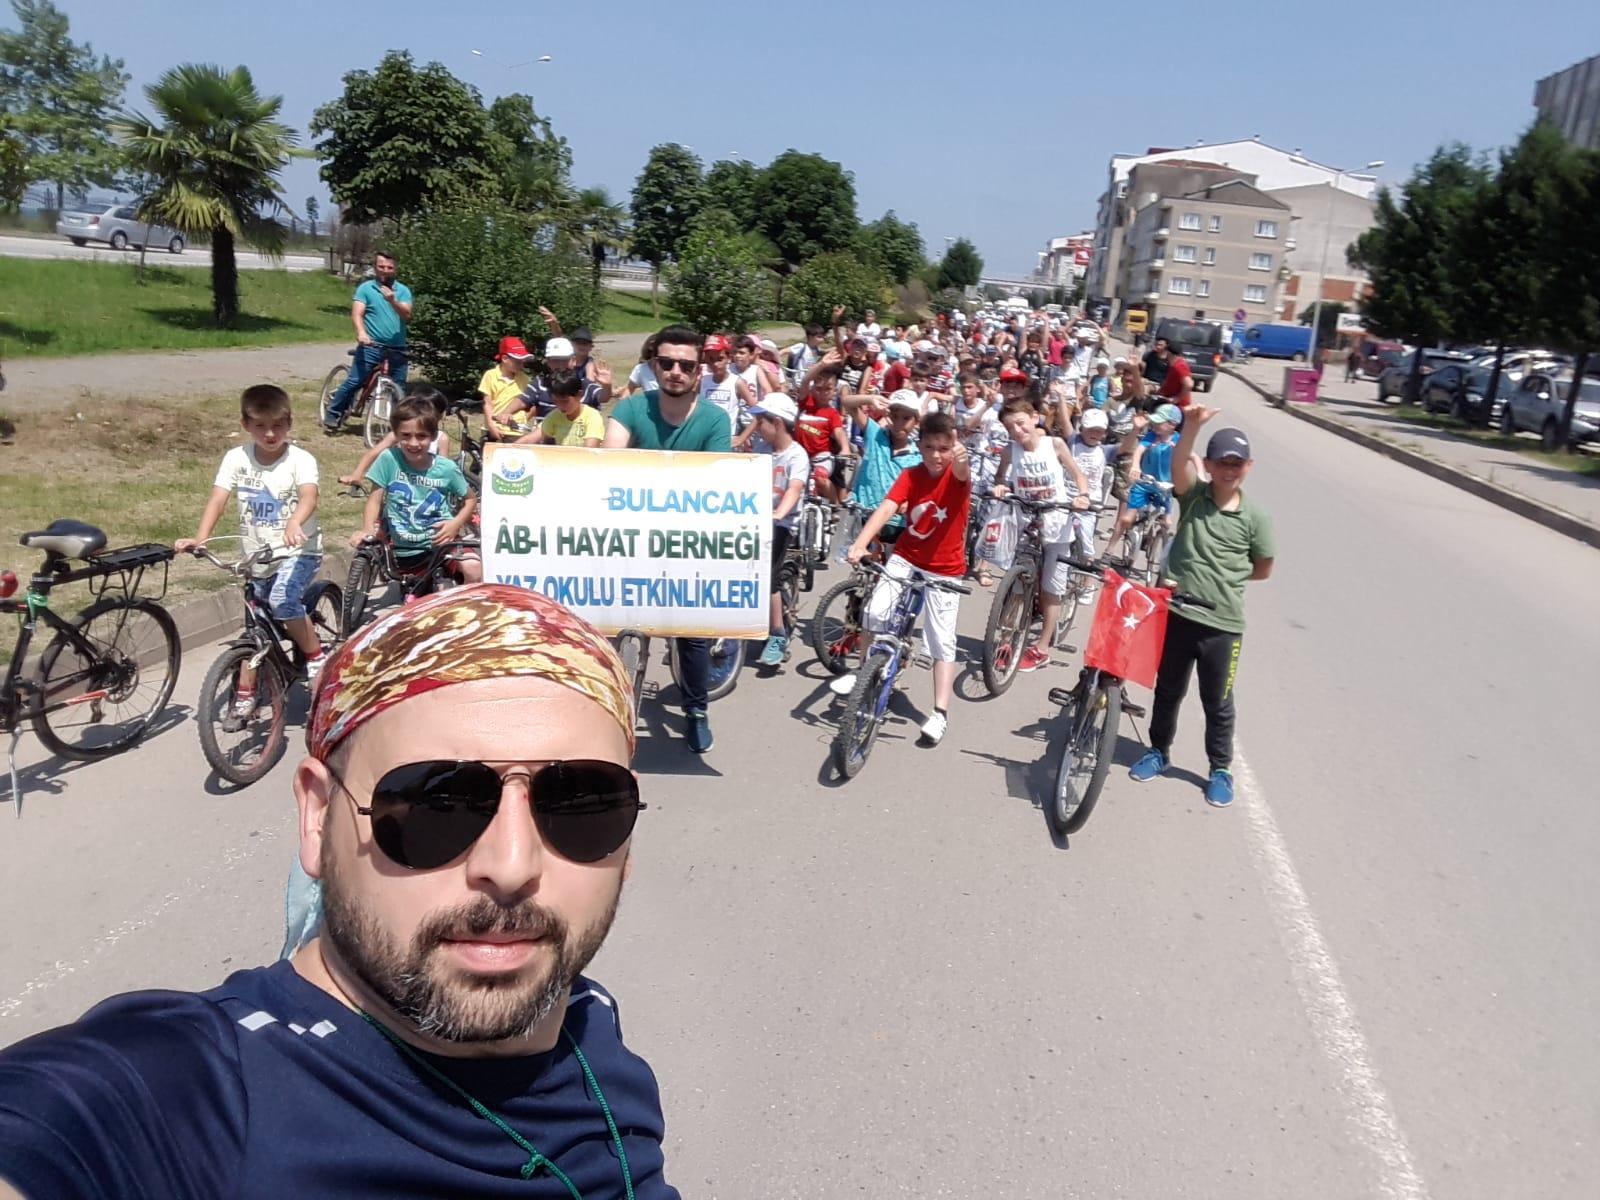 Bulancak'ta 15 Temmuz Şehitleri için Bisiklet Turu yapıldı